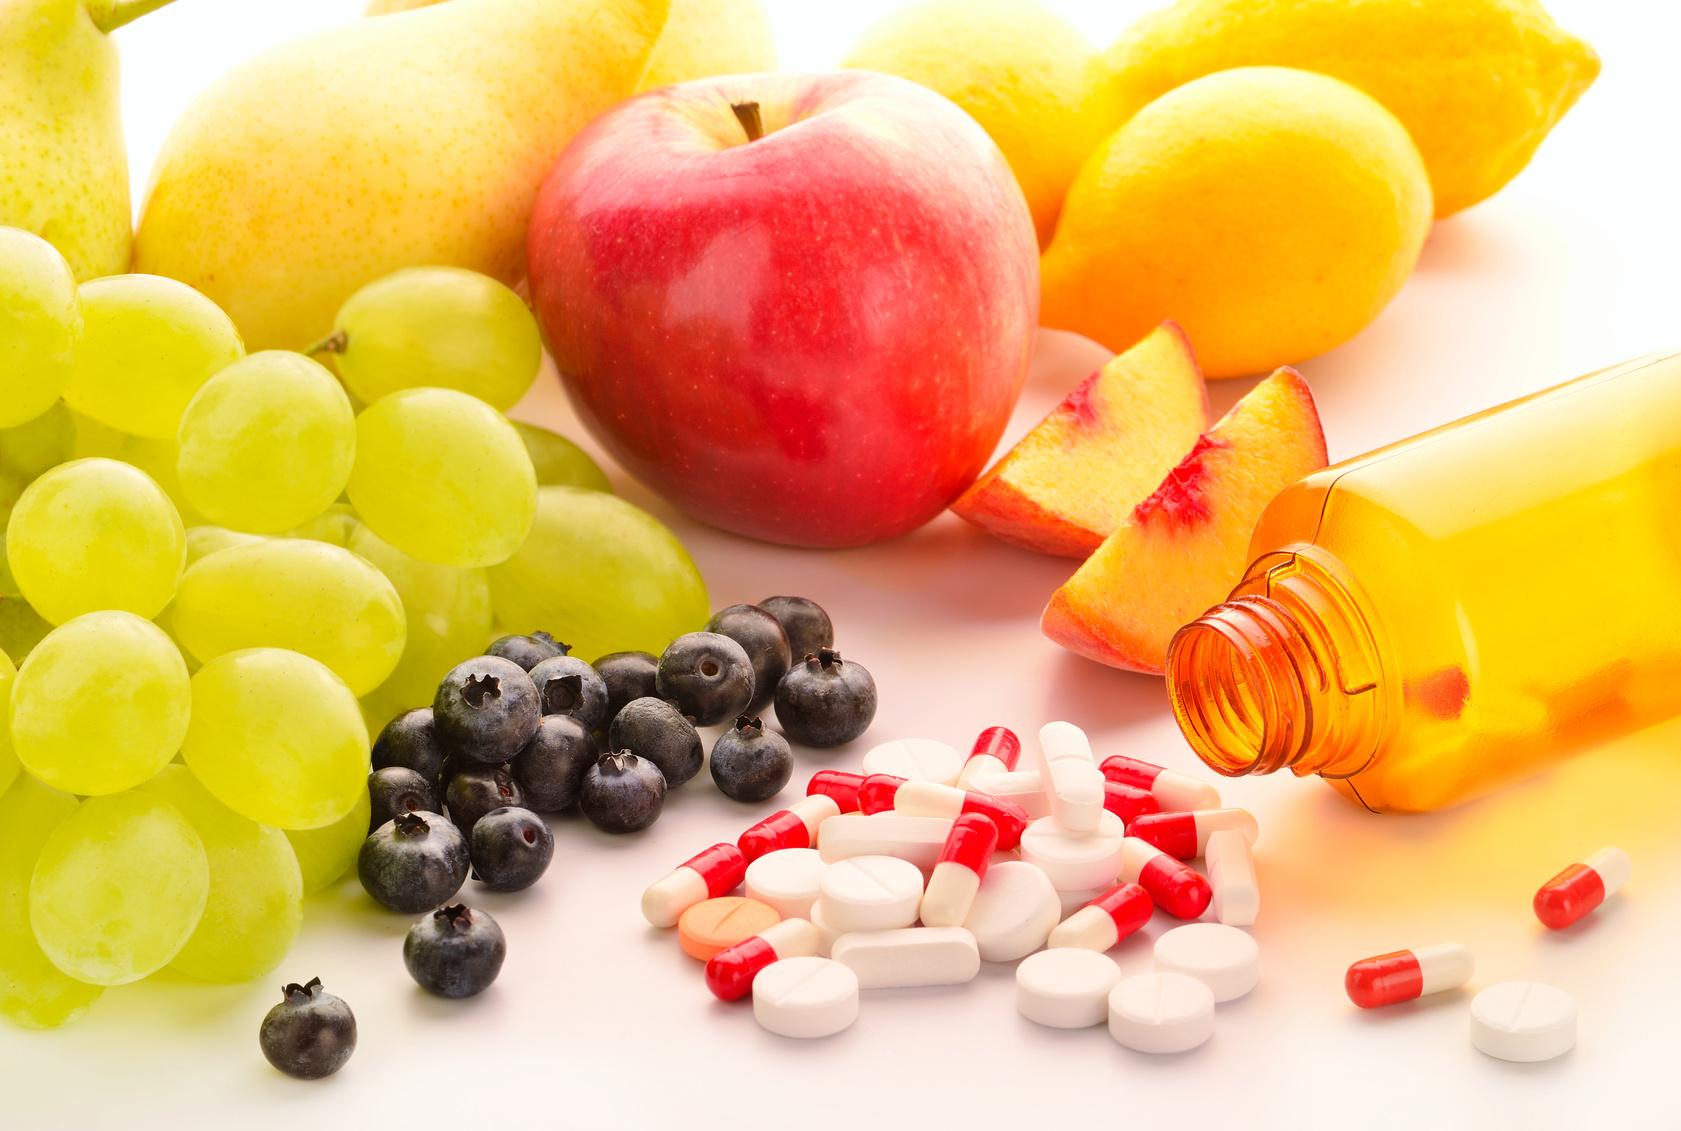 Не синтетические витамины для беременных